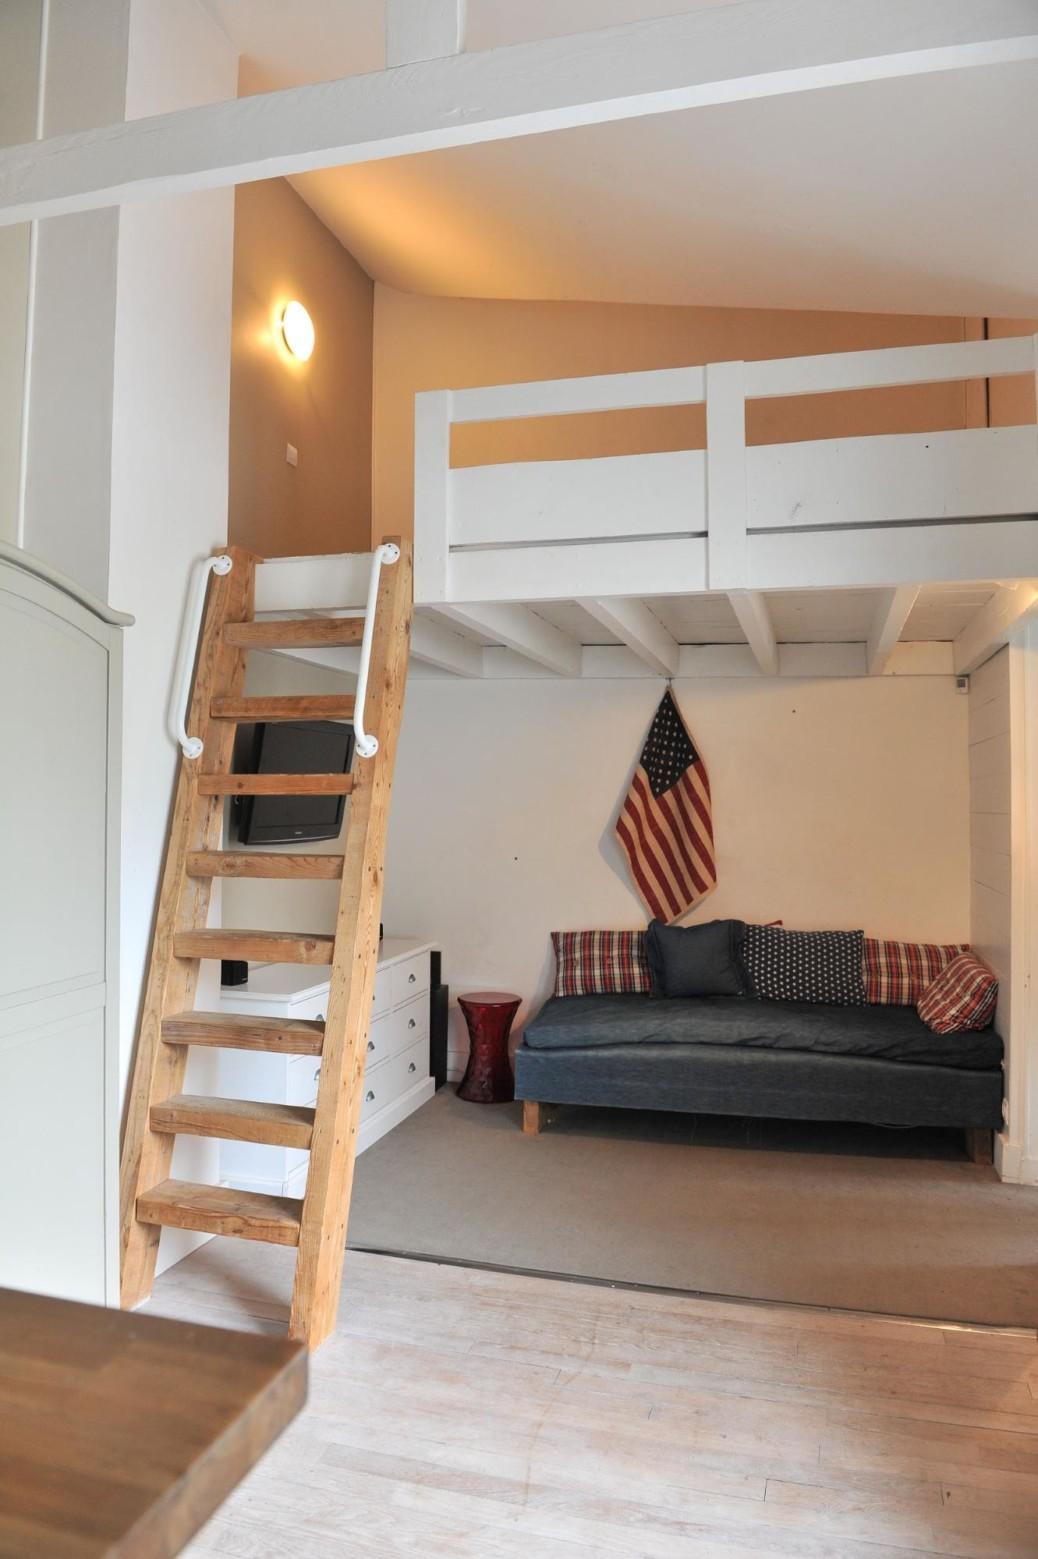 Aménagement Mezzanine Petit Espace comment gagner de l'espace ? les mezzanines c'est magique